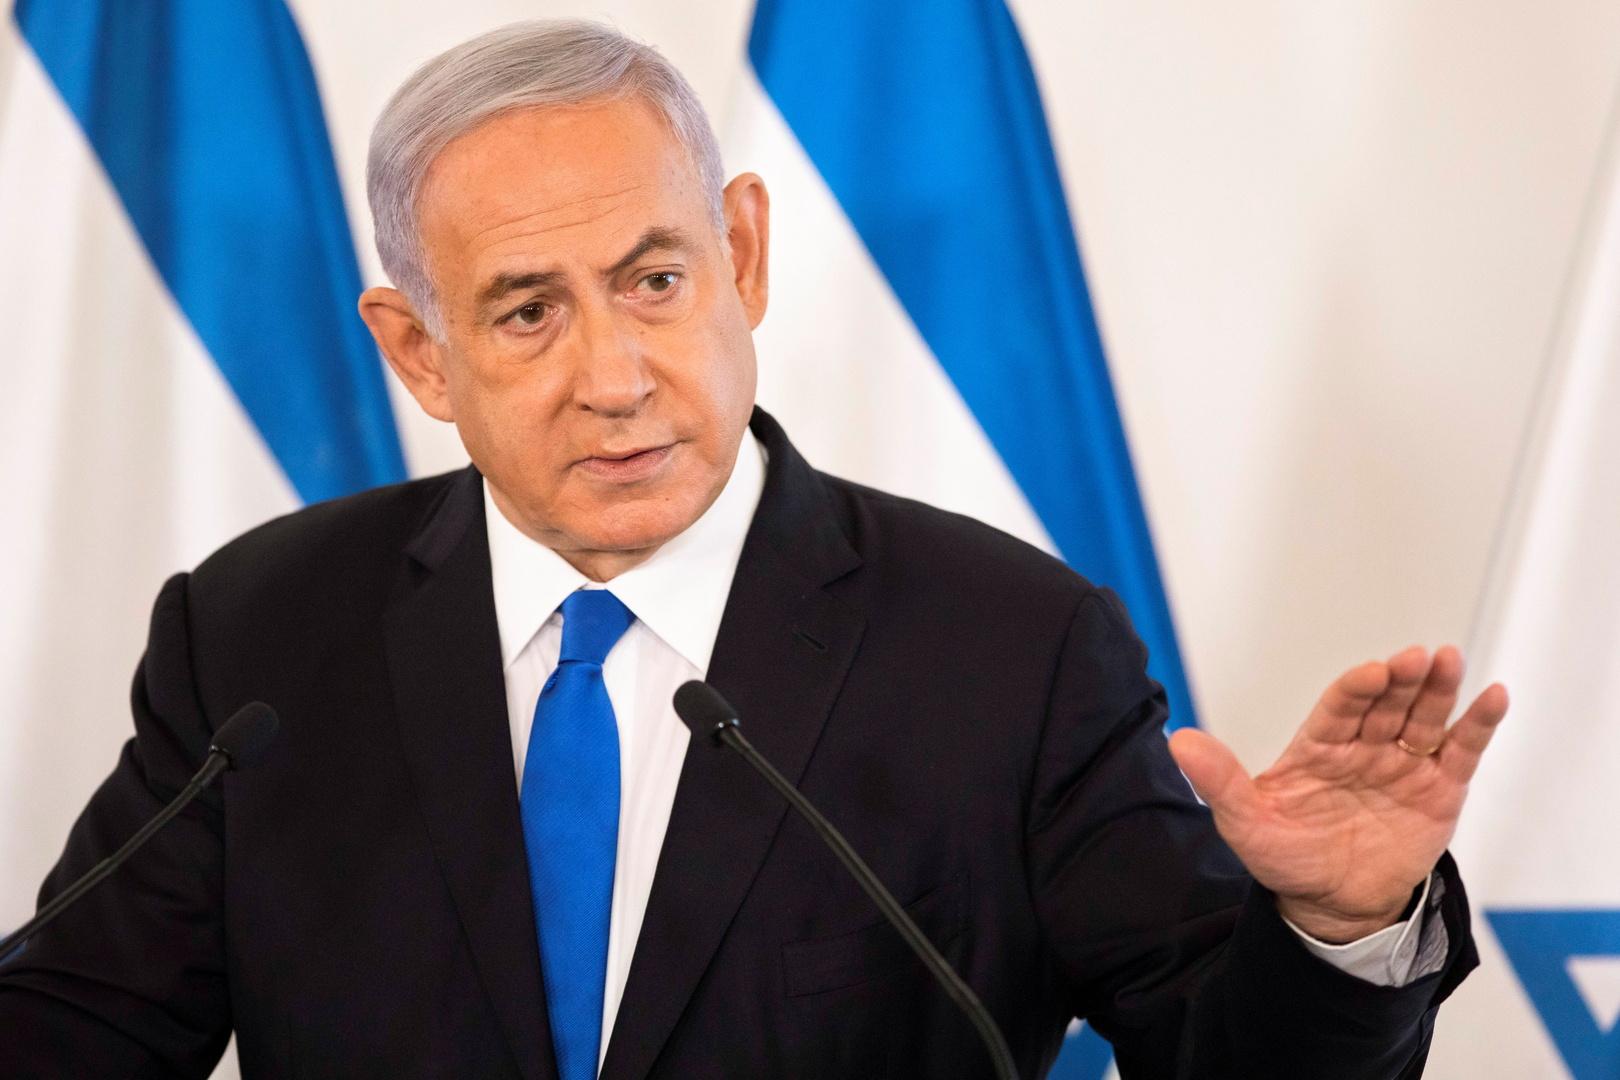 صحيفة: نتنياهو يقرر الاستمرار في الحرب رغم مطالبات بايدن له بوقف التصعيد في المنطقة